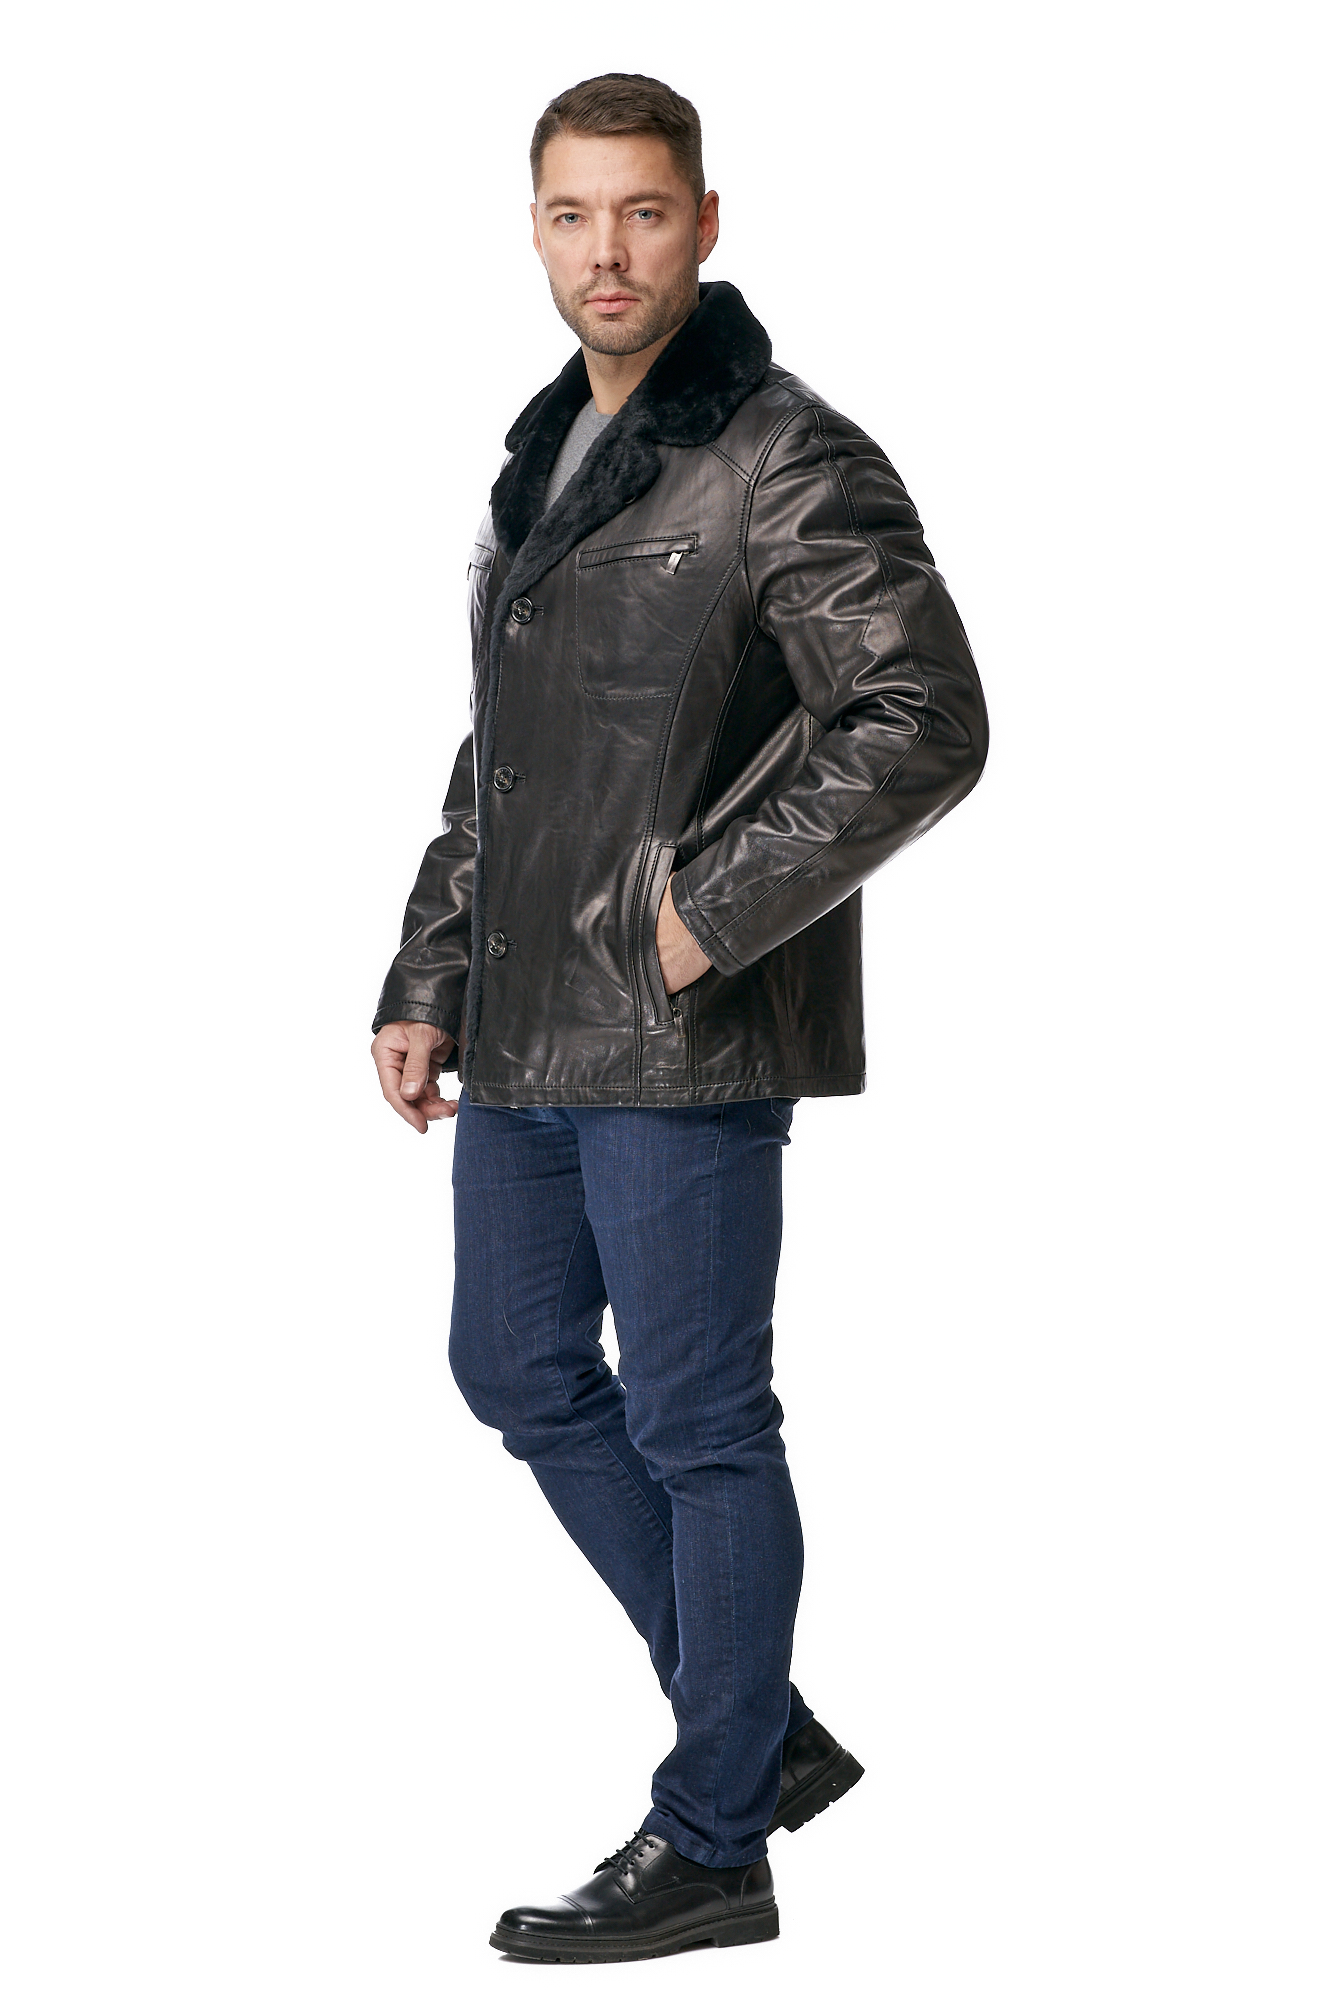 Мужская кожаная куртка из натуральной кожи на меху с воротником